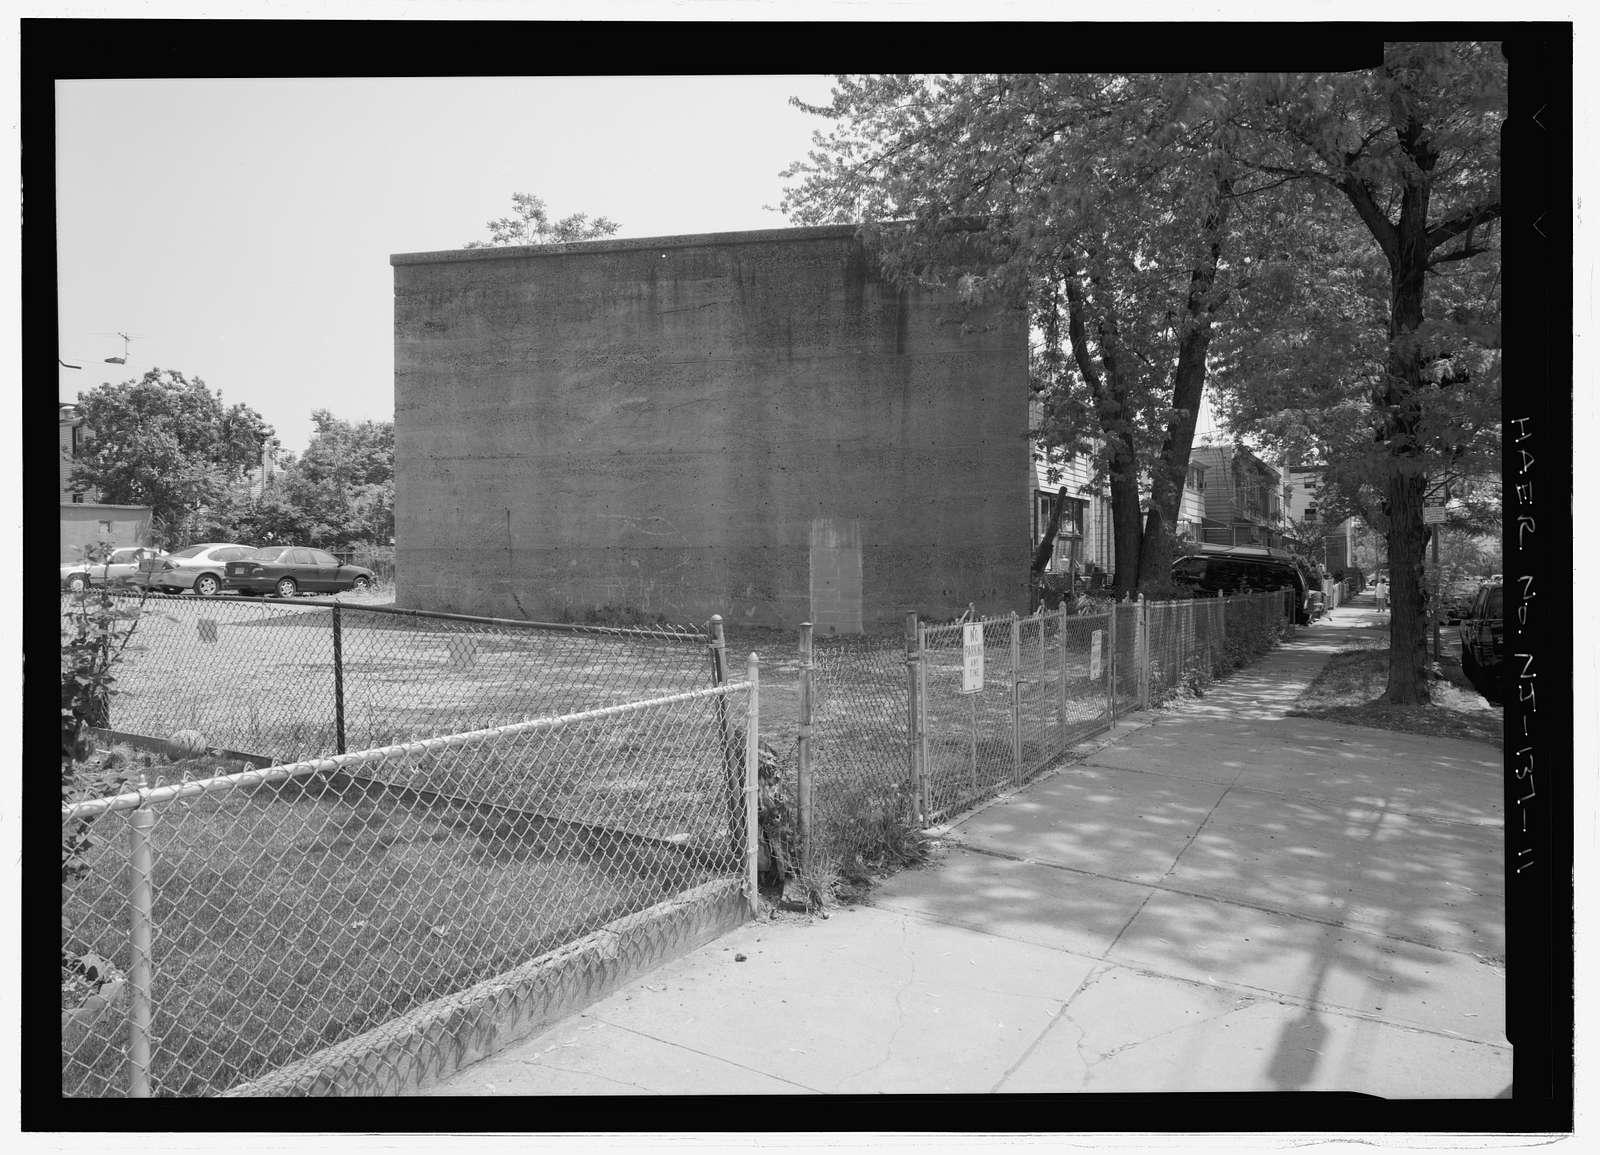 Delaware, Lackawanna & Western Railroad, South Bergen Tunnel, Jersey City, Hudson County, NJ